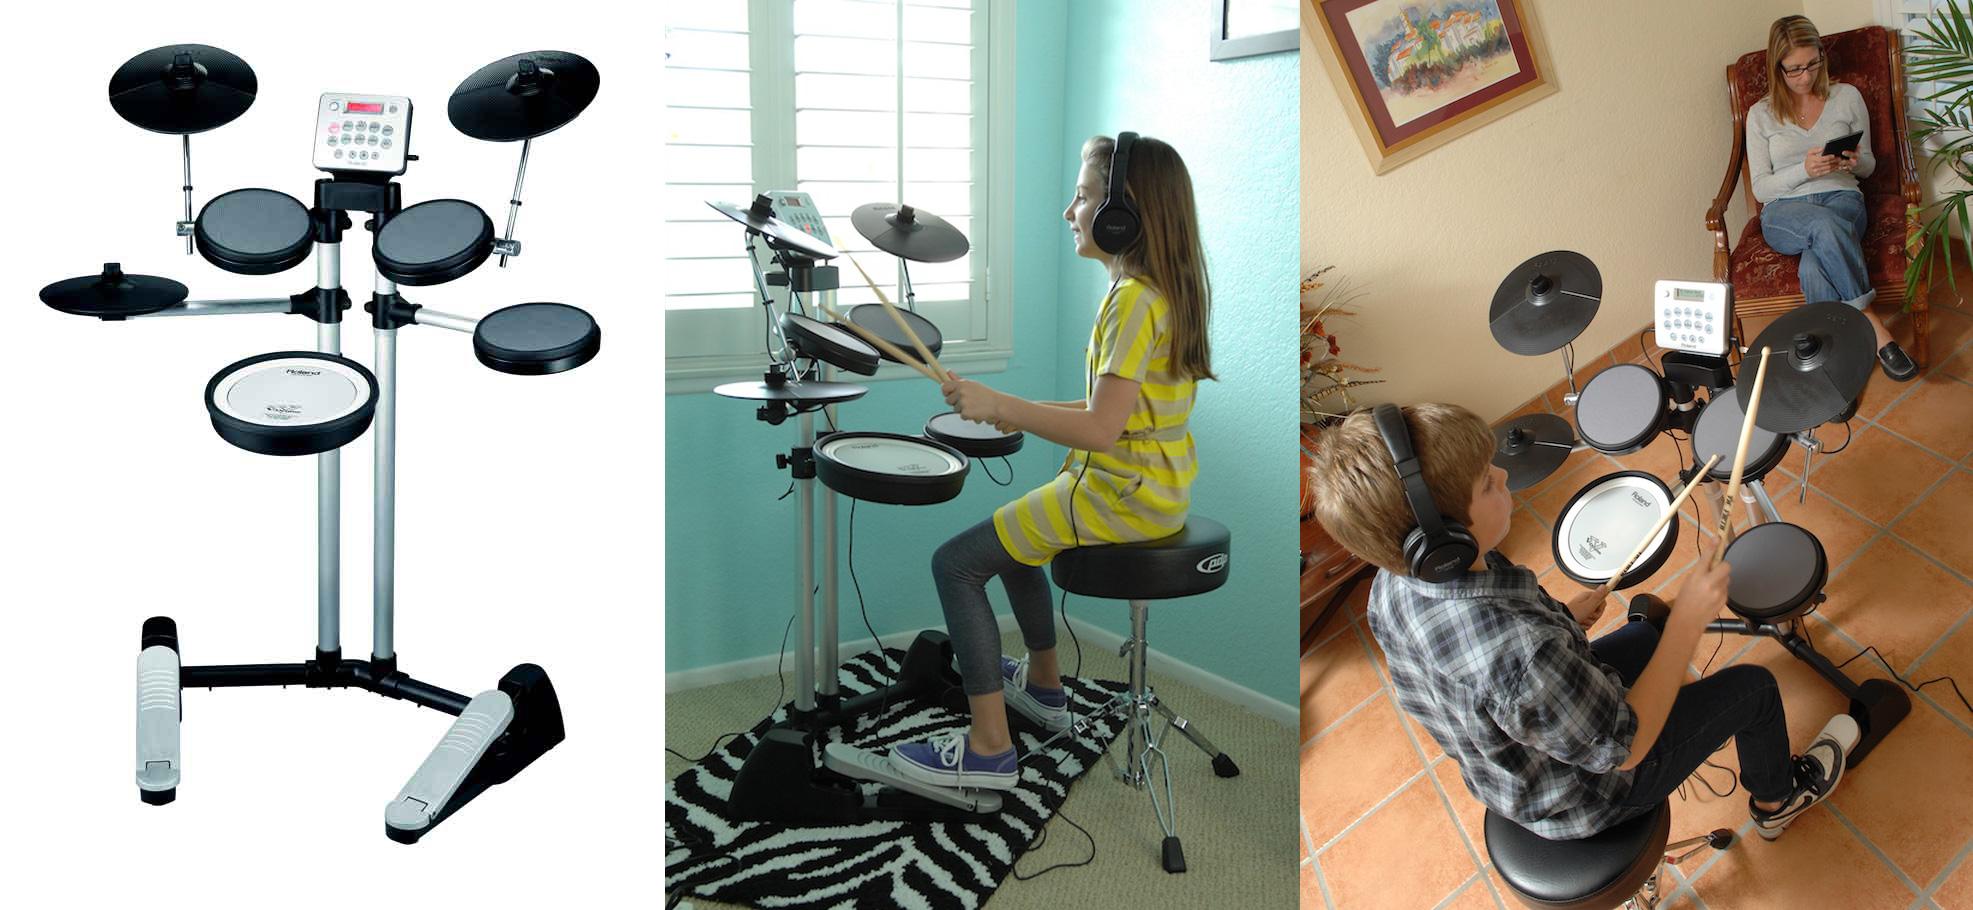 choosing a roland v drums kit is easier than you think roland u s blog. Black Bedroom Furniture Sets. Home Design Ideas